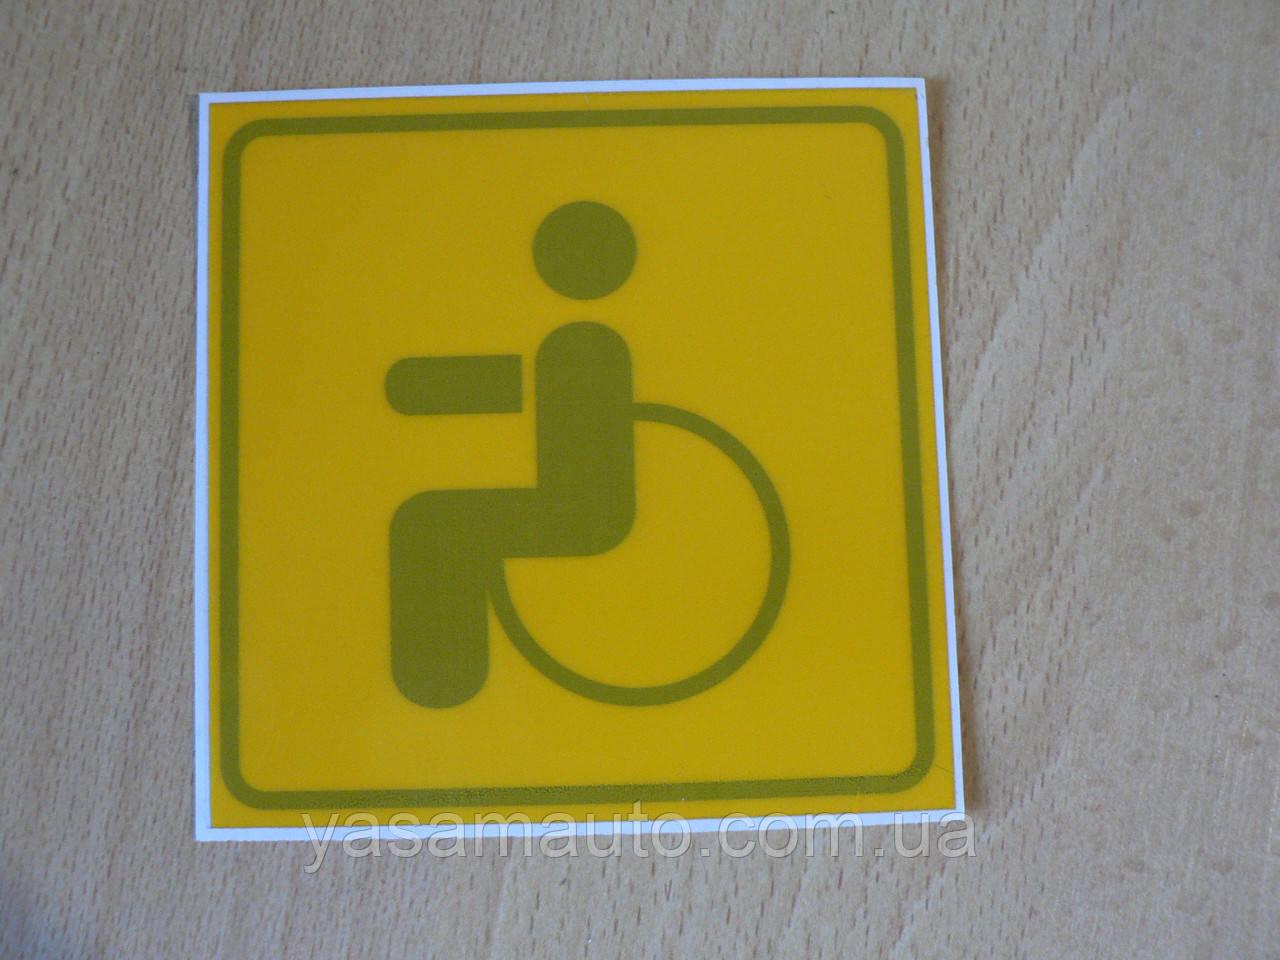 Наклейка п4 Инвалид желтая внутренняя 97х97мм №7 неравномерность закругленный рисунок  в на авто под стекло